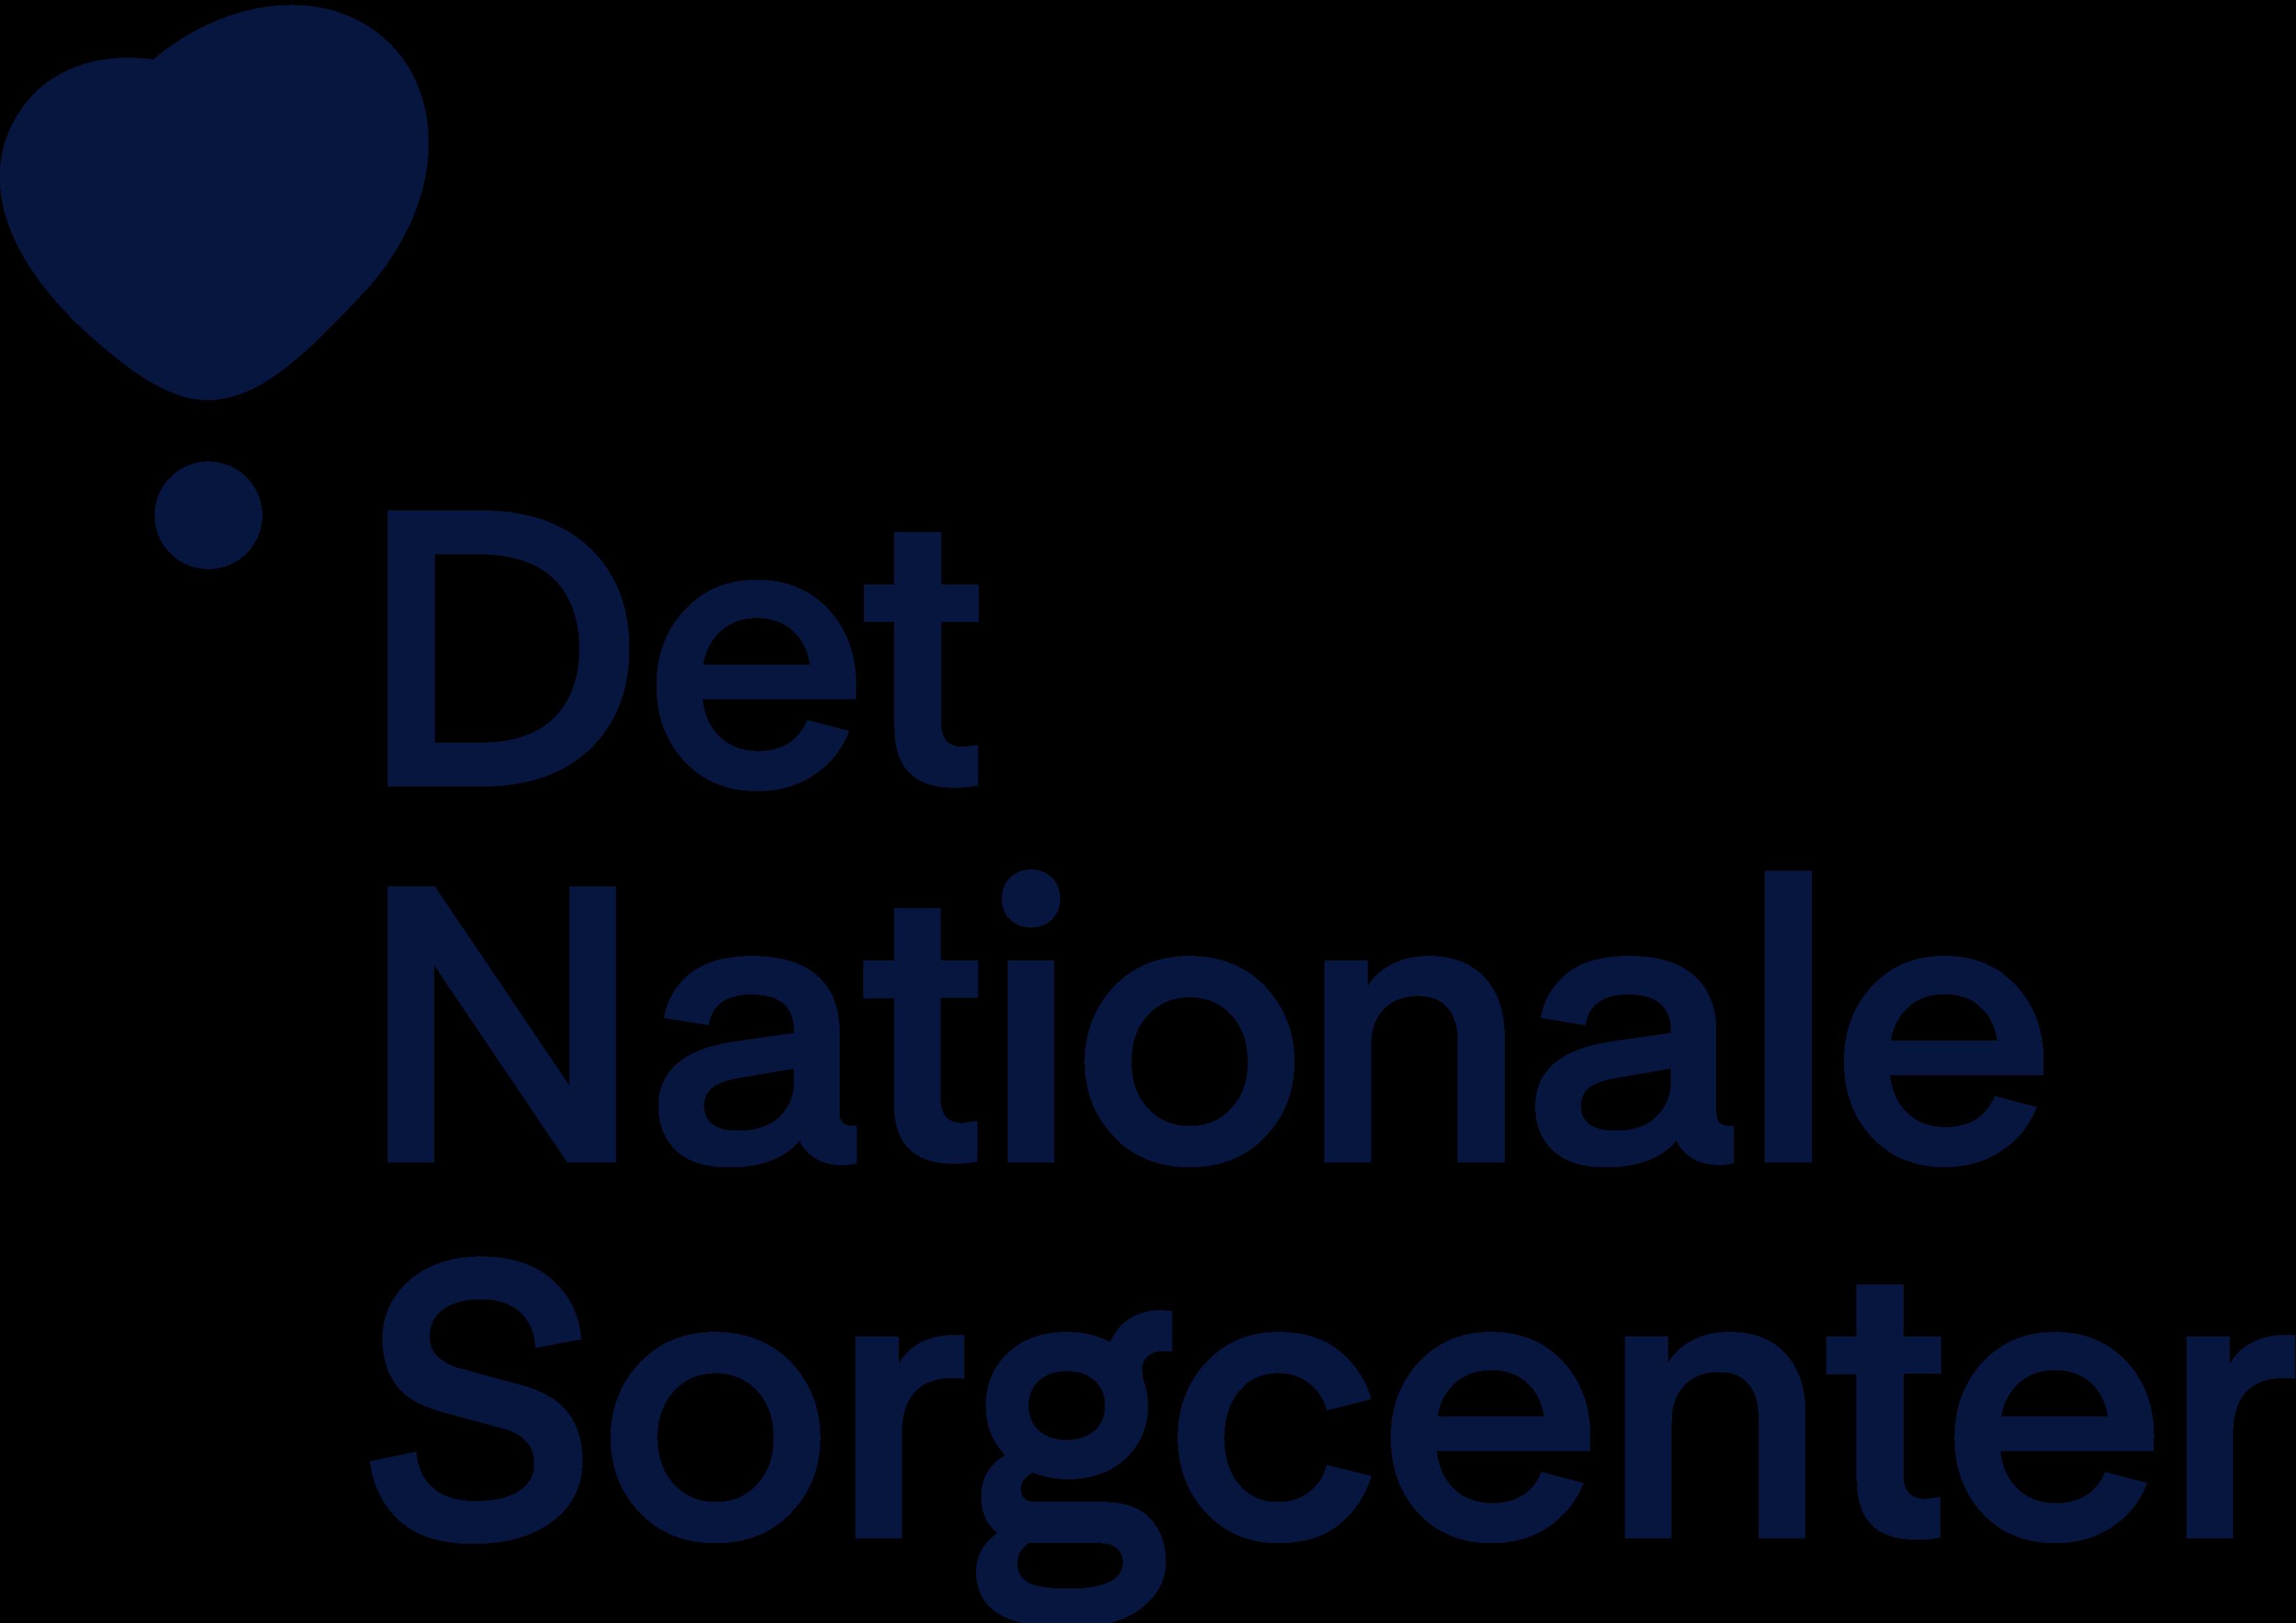 Det Nationale Sorgcenter